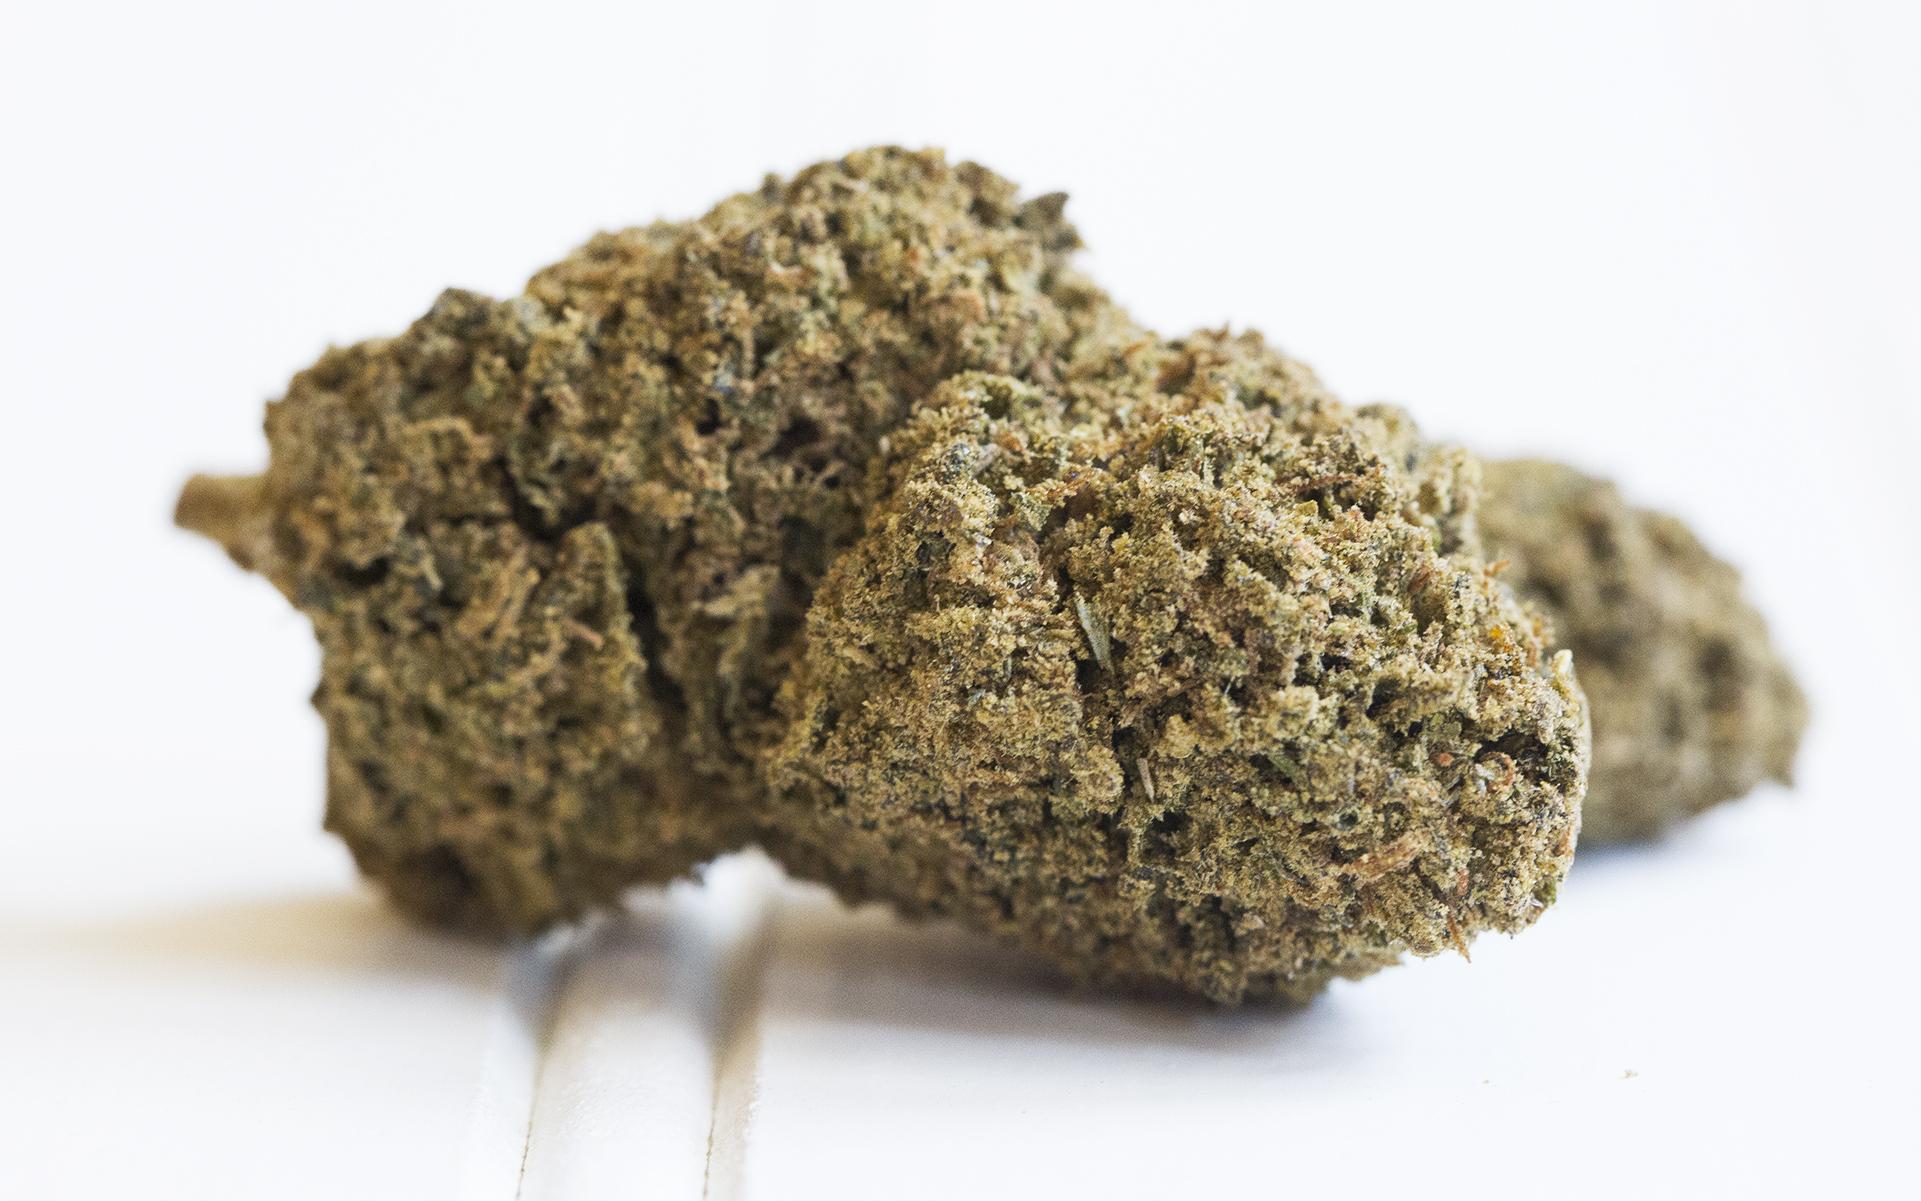 La ricetta per produrre Moon Rock prevede l'impiego di pochi e tutto sommato semplici elementi, tutti derivati dalla cannabis.